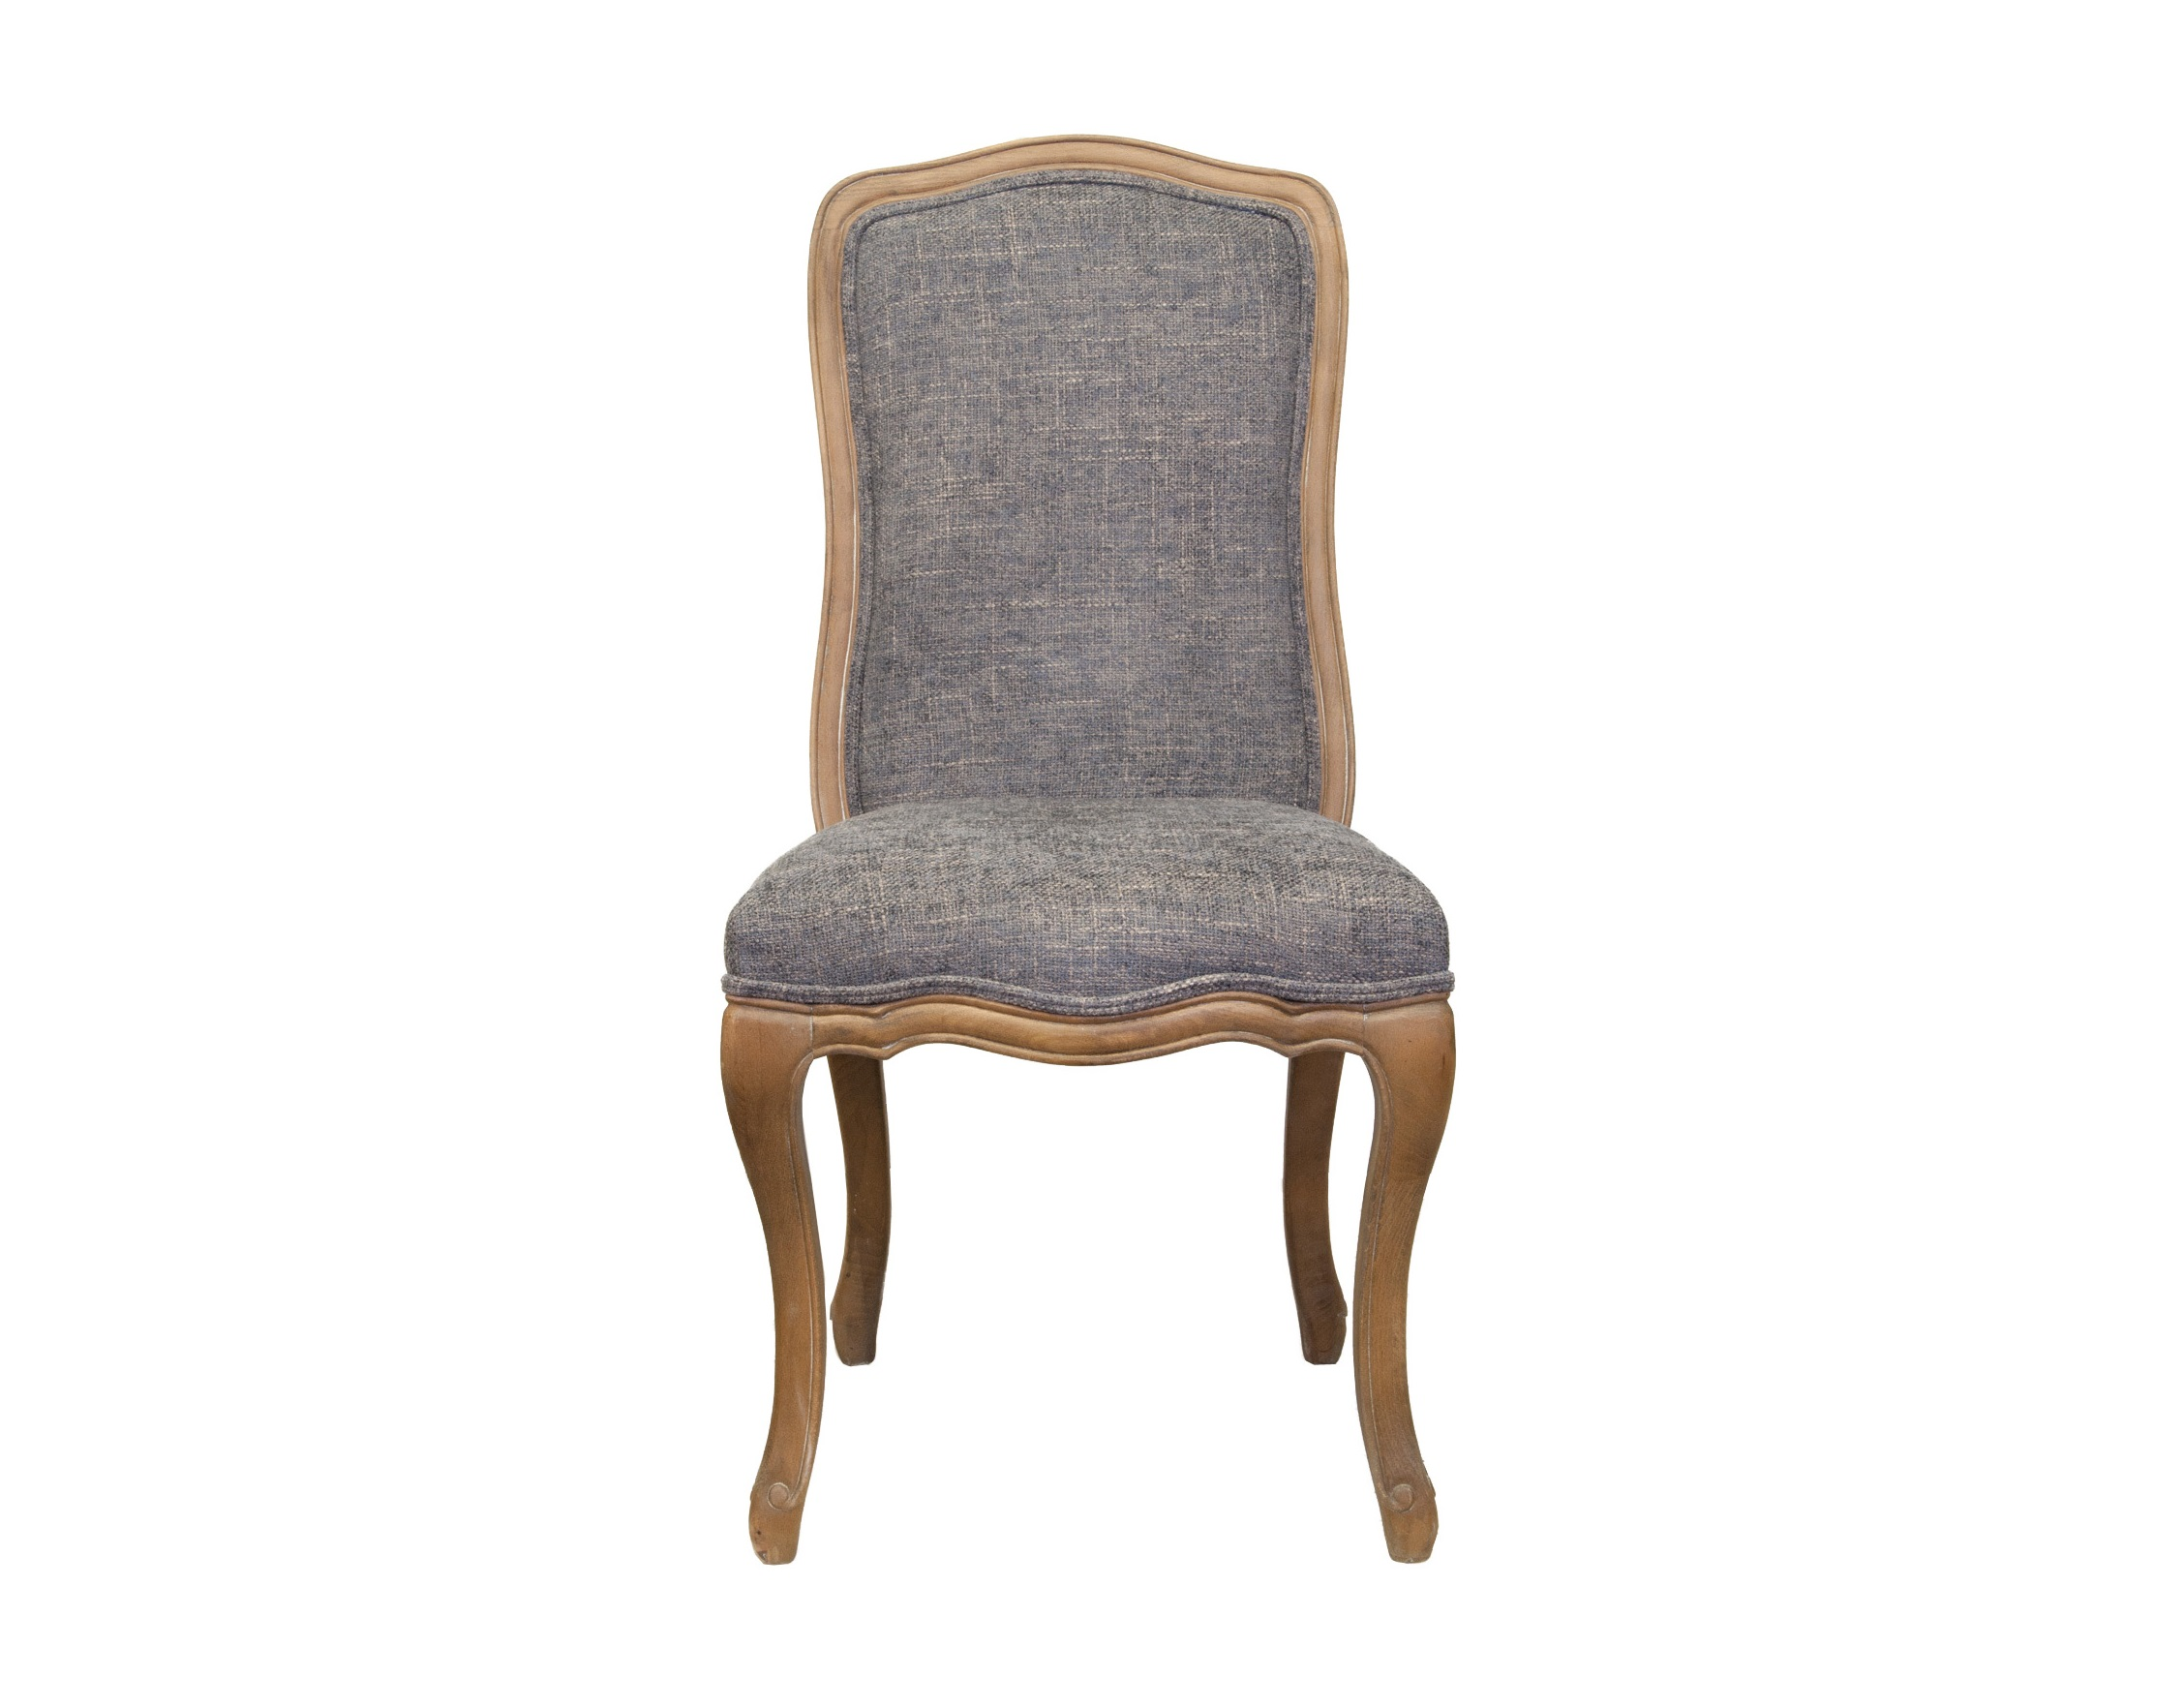 Стул WenterОбеденные стулья<br>Выполнен в элегантном классическом стиле с изящной спинкой. Стул сделан из ценной древесной породы - массива дуба, искусственно состраренного. Ткань обивки выполнена из льна - экологически чистого и приятного материала на ощупь.&amp;amp;nbsp;<br><br>Material: Дуб<br>Ширина см: 50<br>Высота см: 101<br>Глубина см: 59